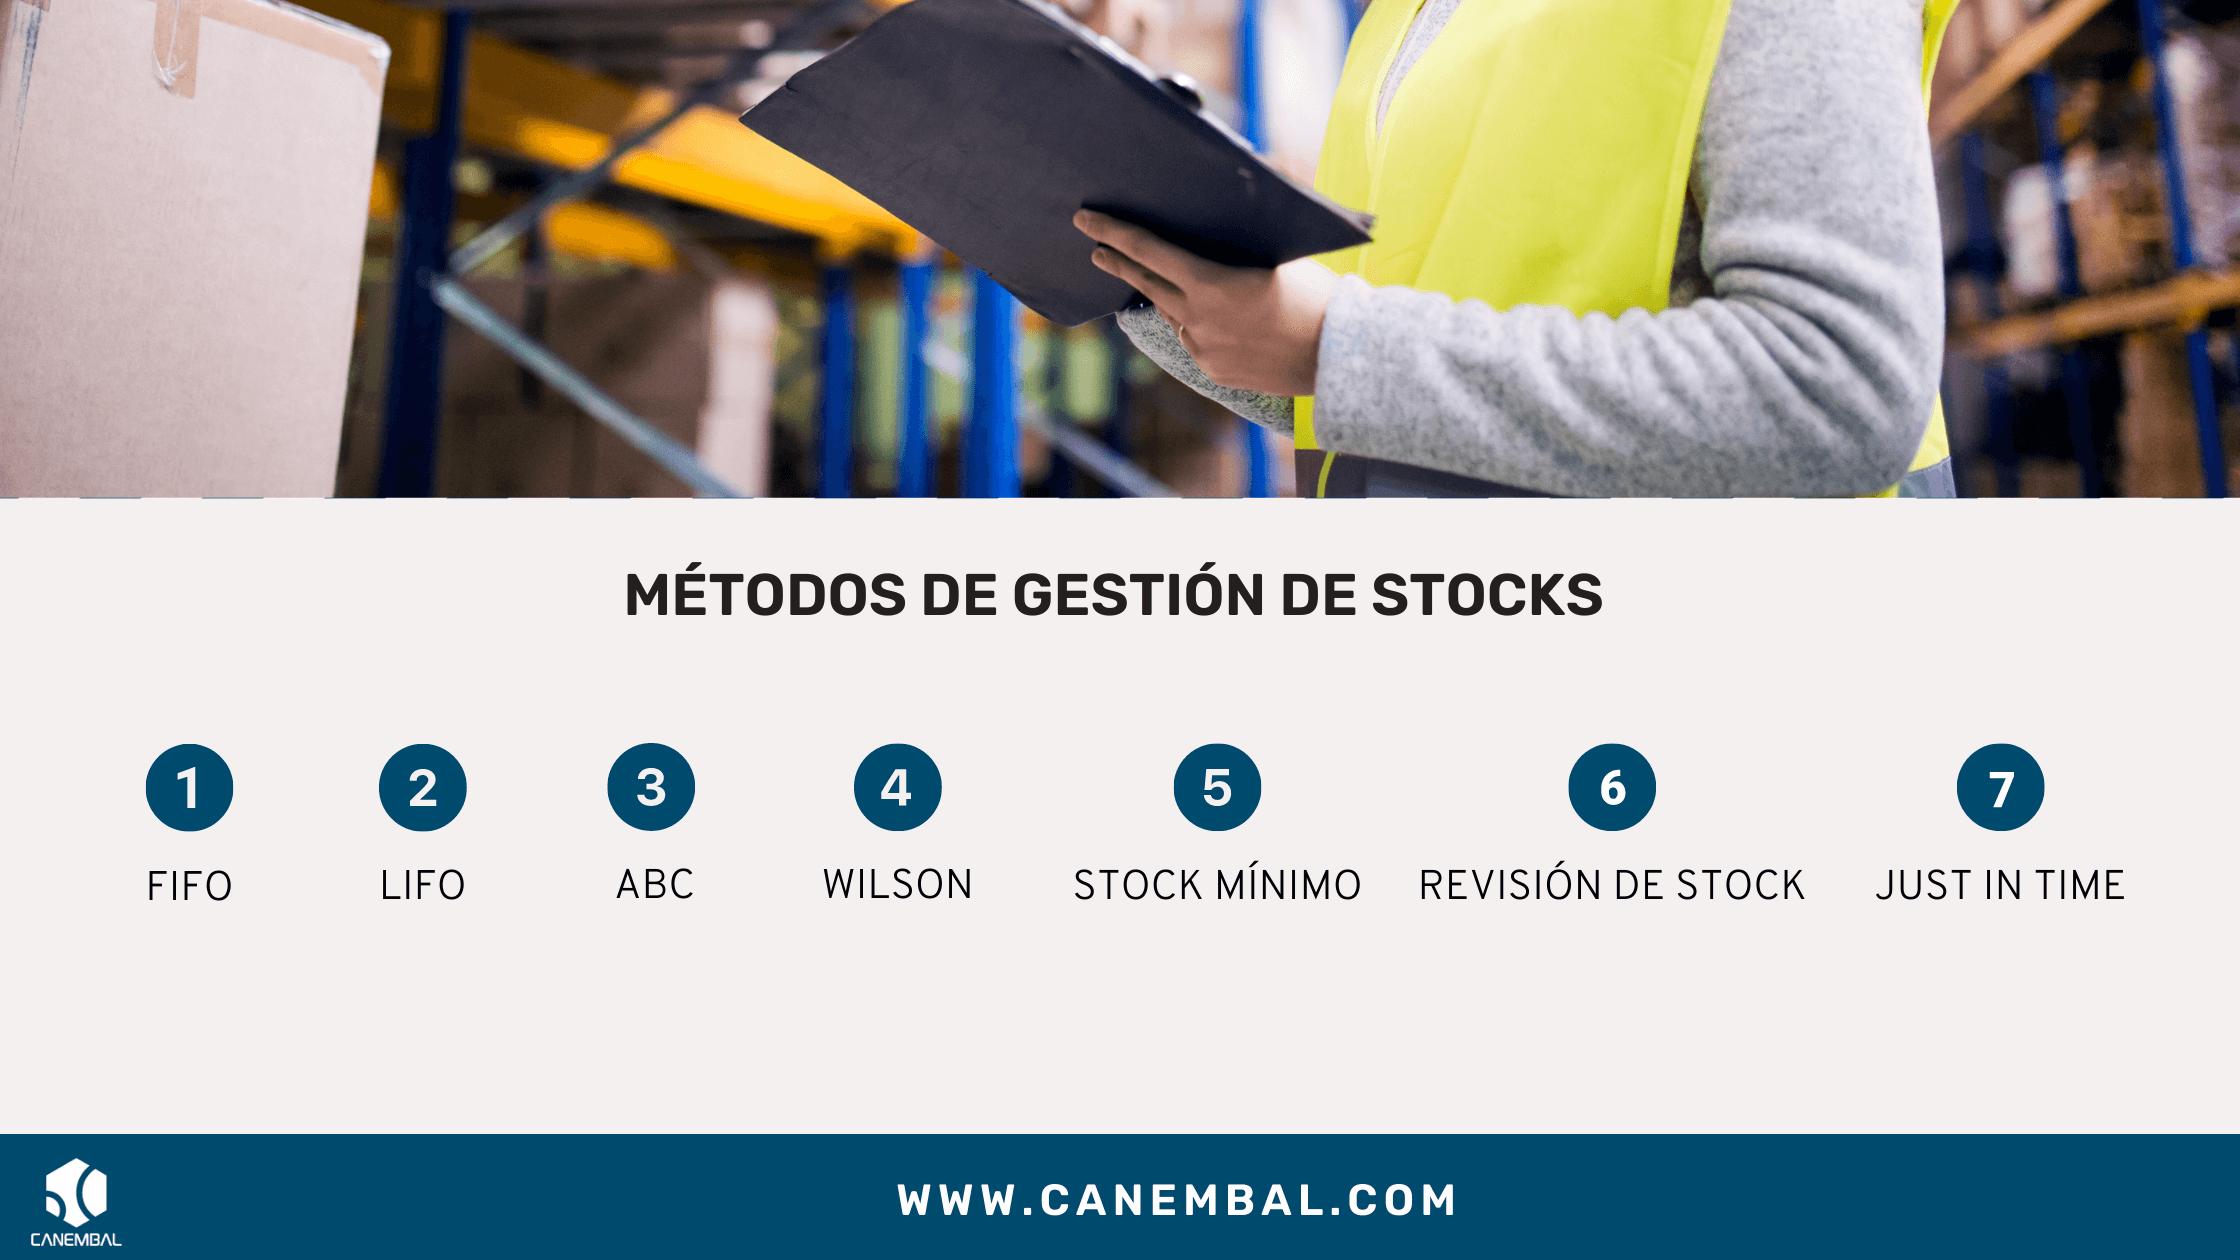 METODOS GESTION STOCKS